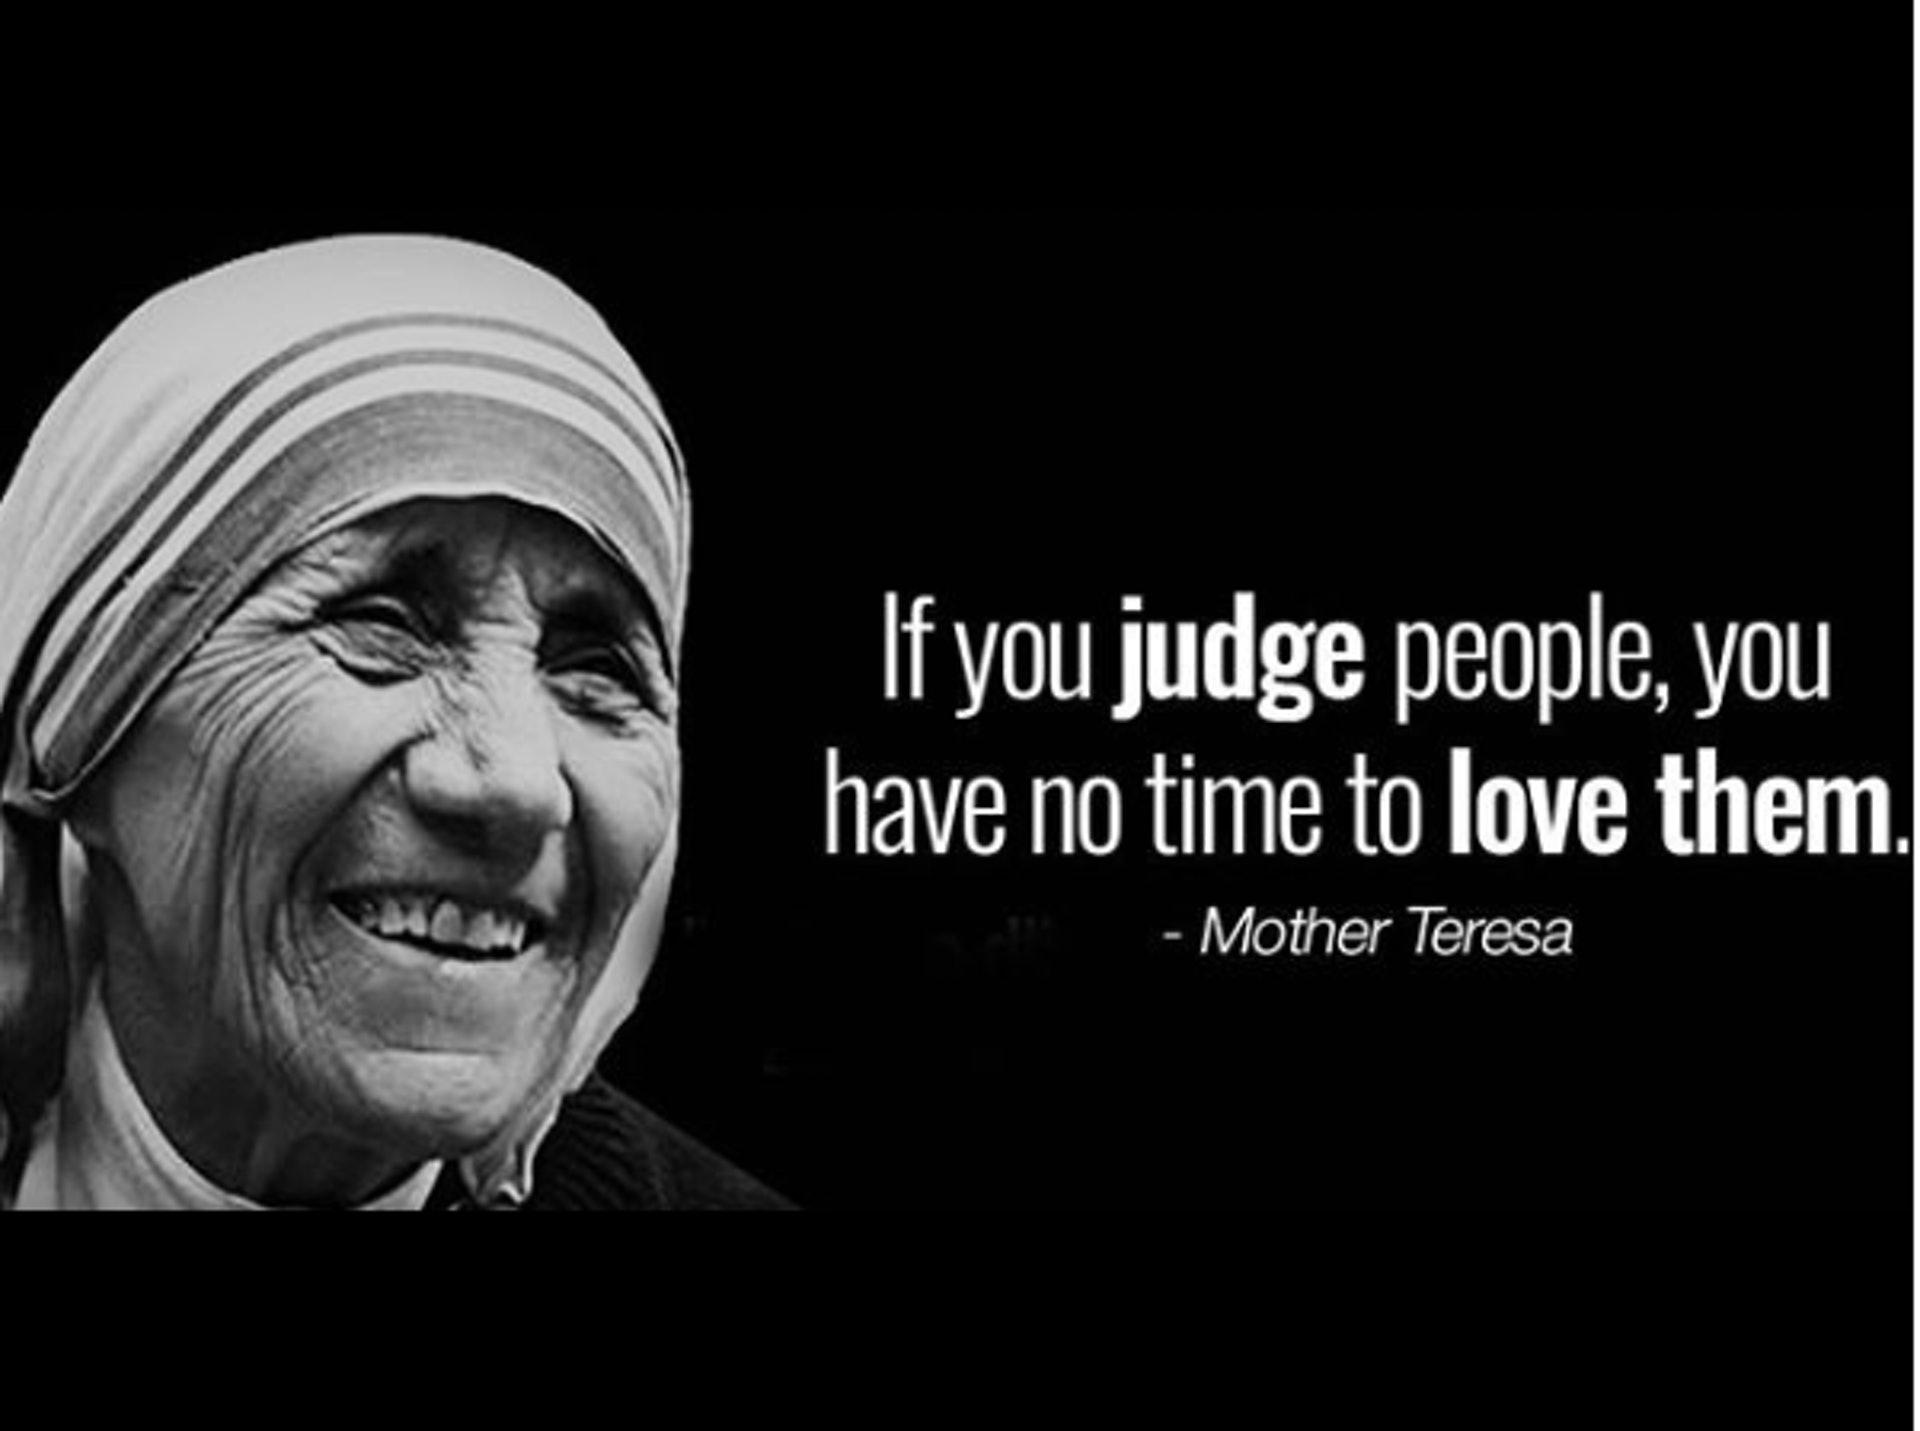 蕭亞軒在IG上貼了Teresa修女的名言。(instagram@ELVAHSIAO圖片)